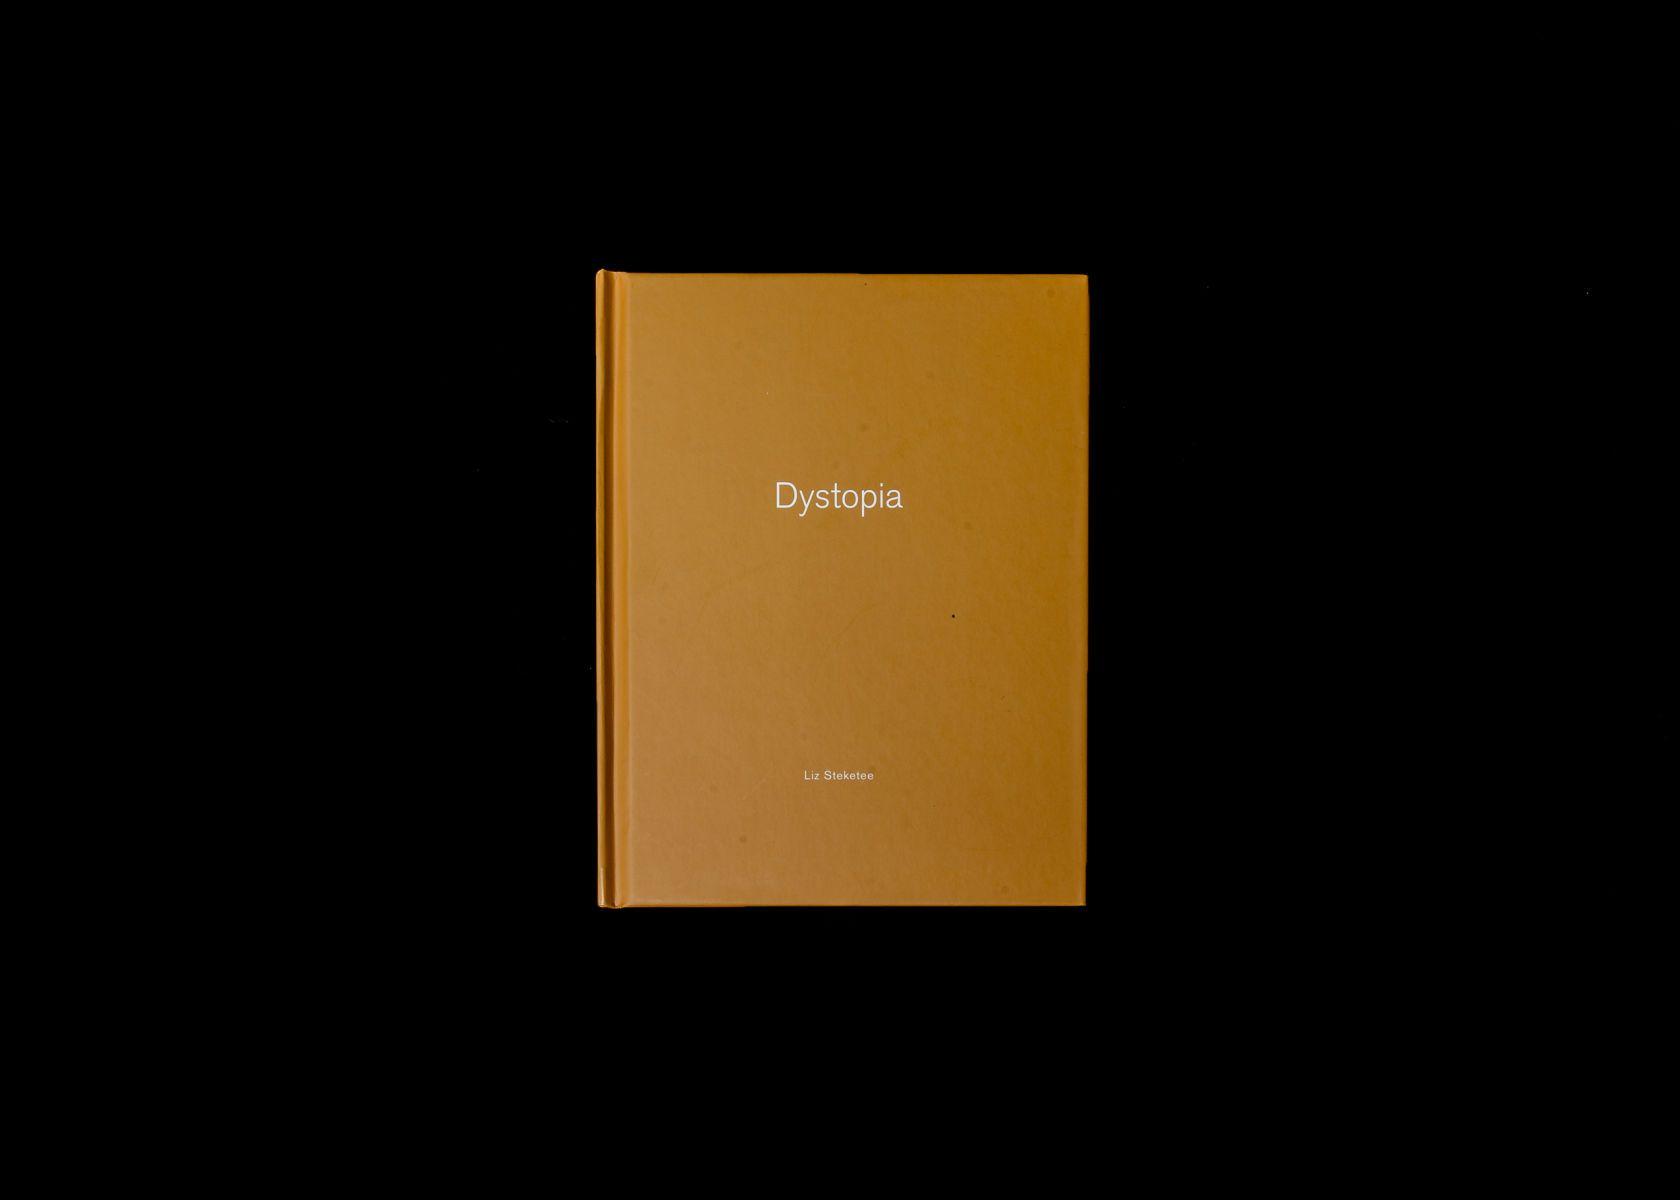 2_0_2190_1books_copy_2015_45.jpg